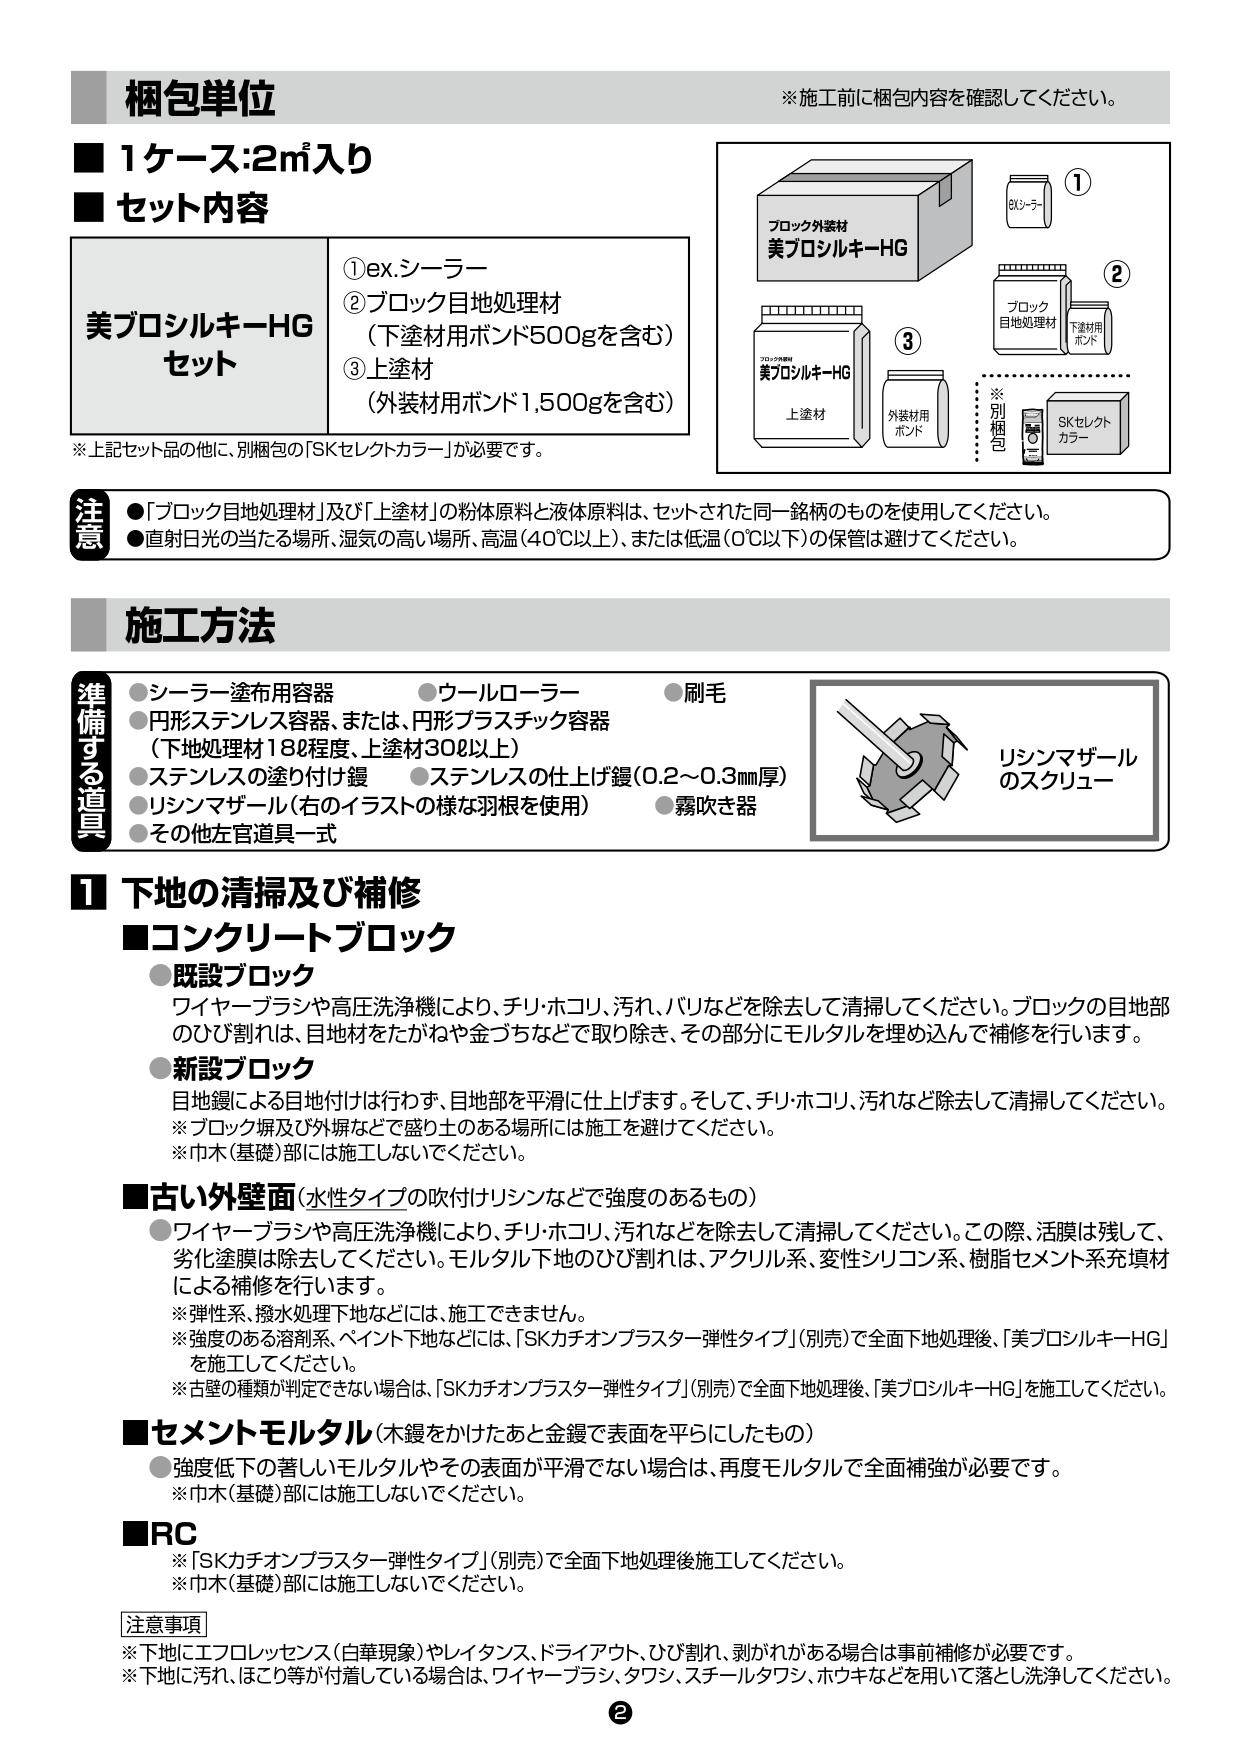 美ブロシルキーHG 施工説明書_page-0002